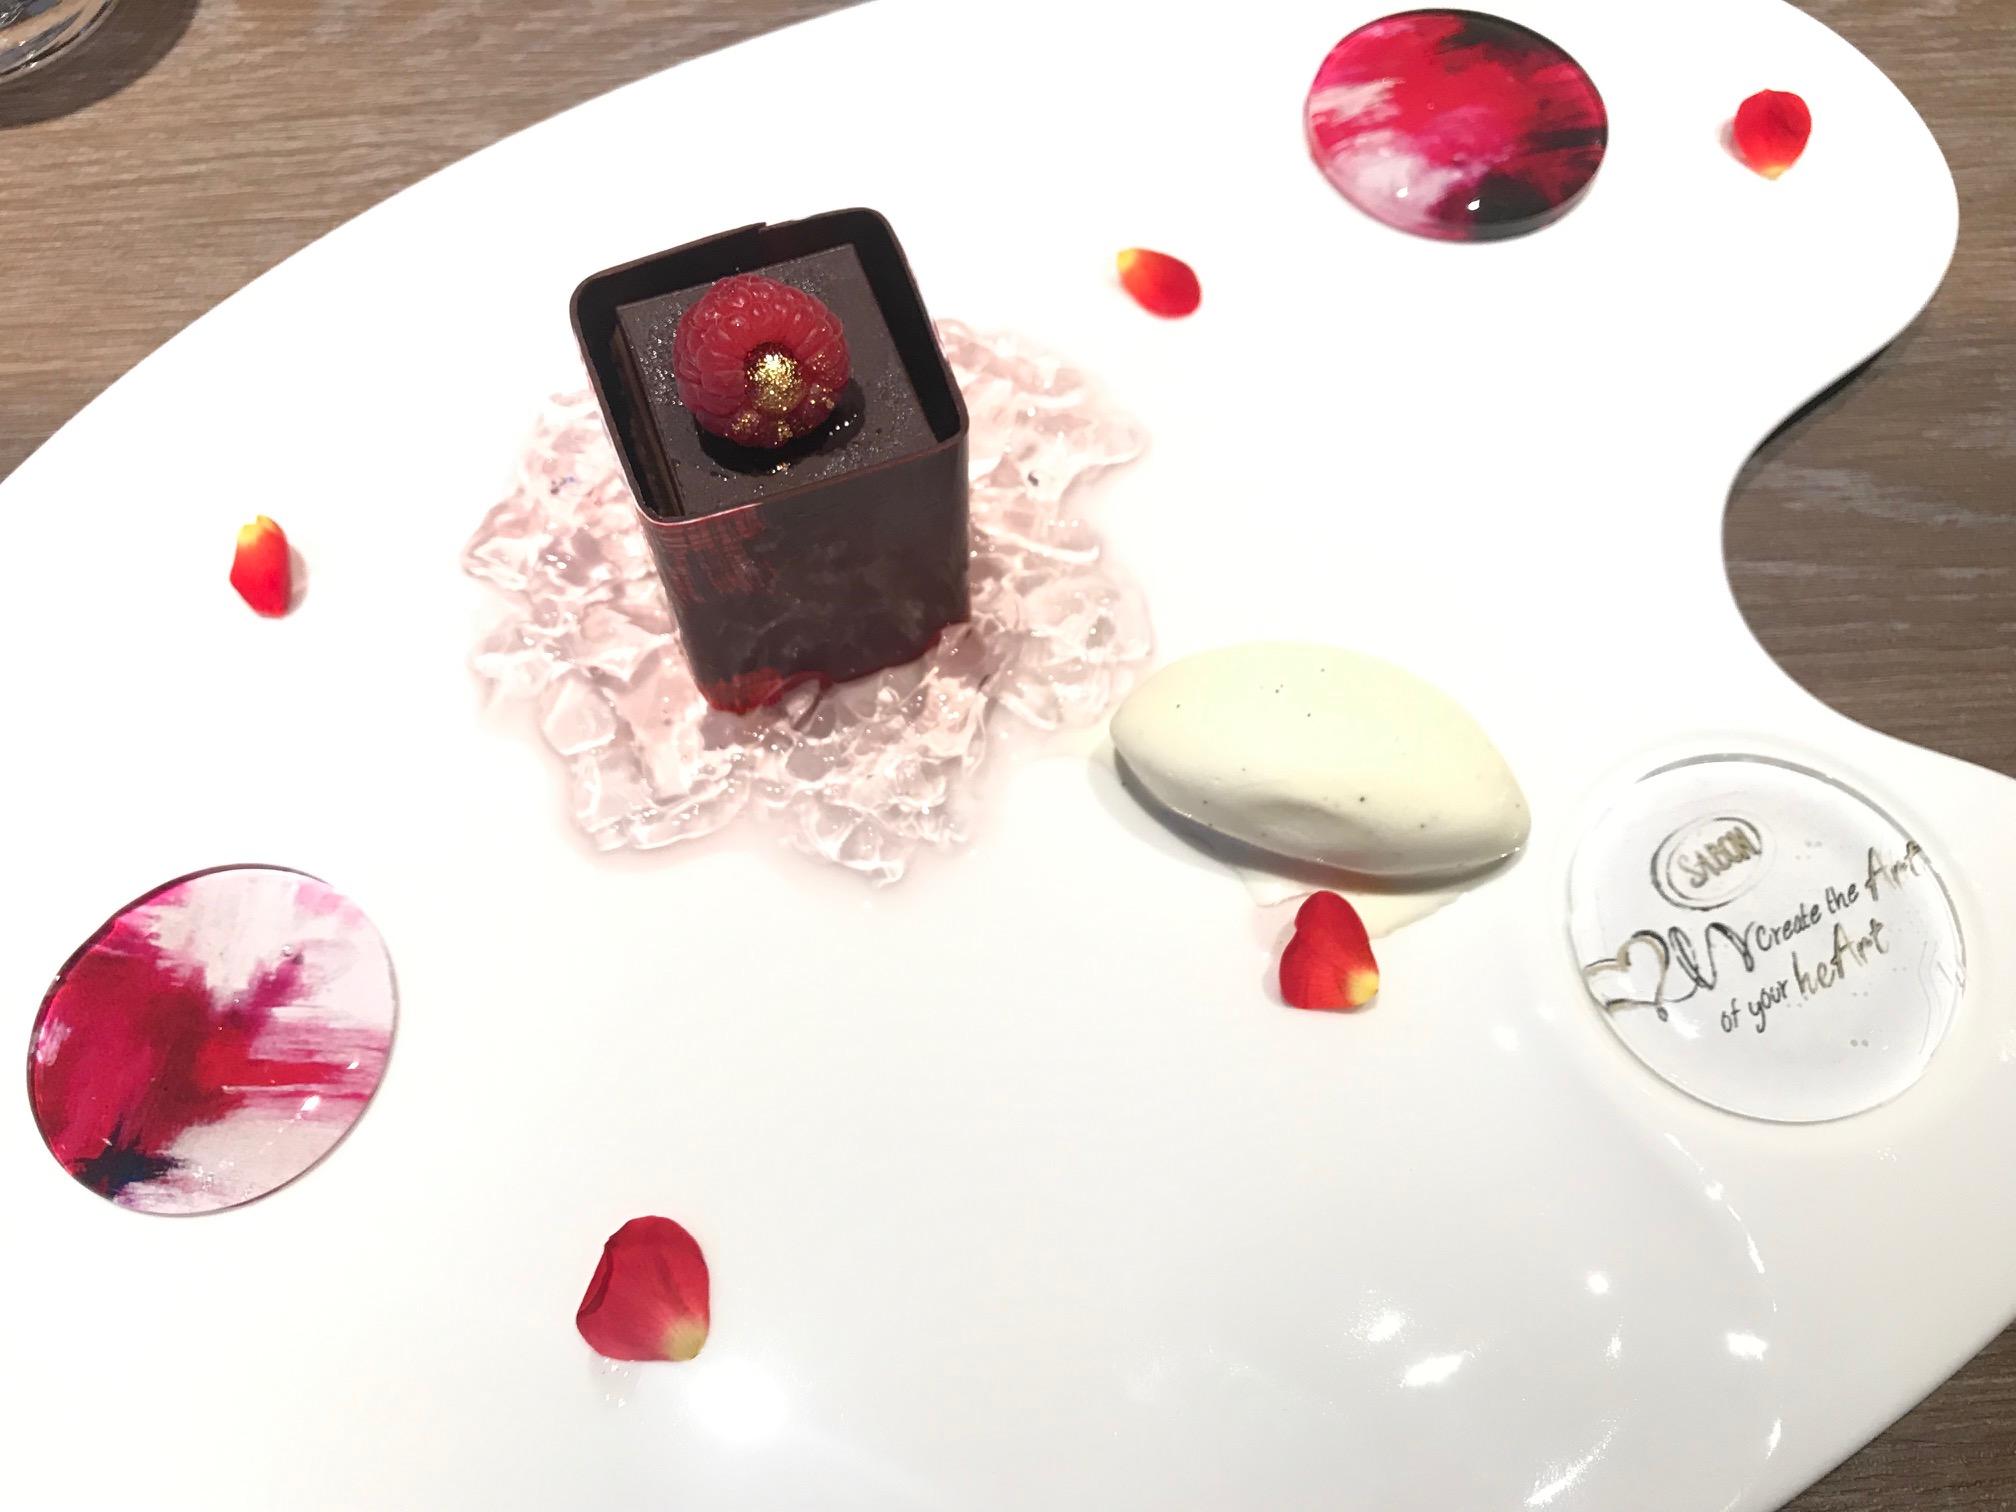 『SABON』が贈る、ローズ香るピンクのディナー(しかも特典つき♡)!! 今度のデートや女子会は『ザ ストリングス 表参道』で_7